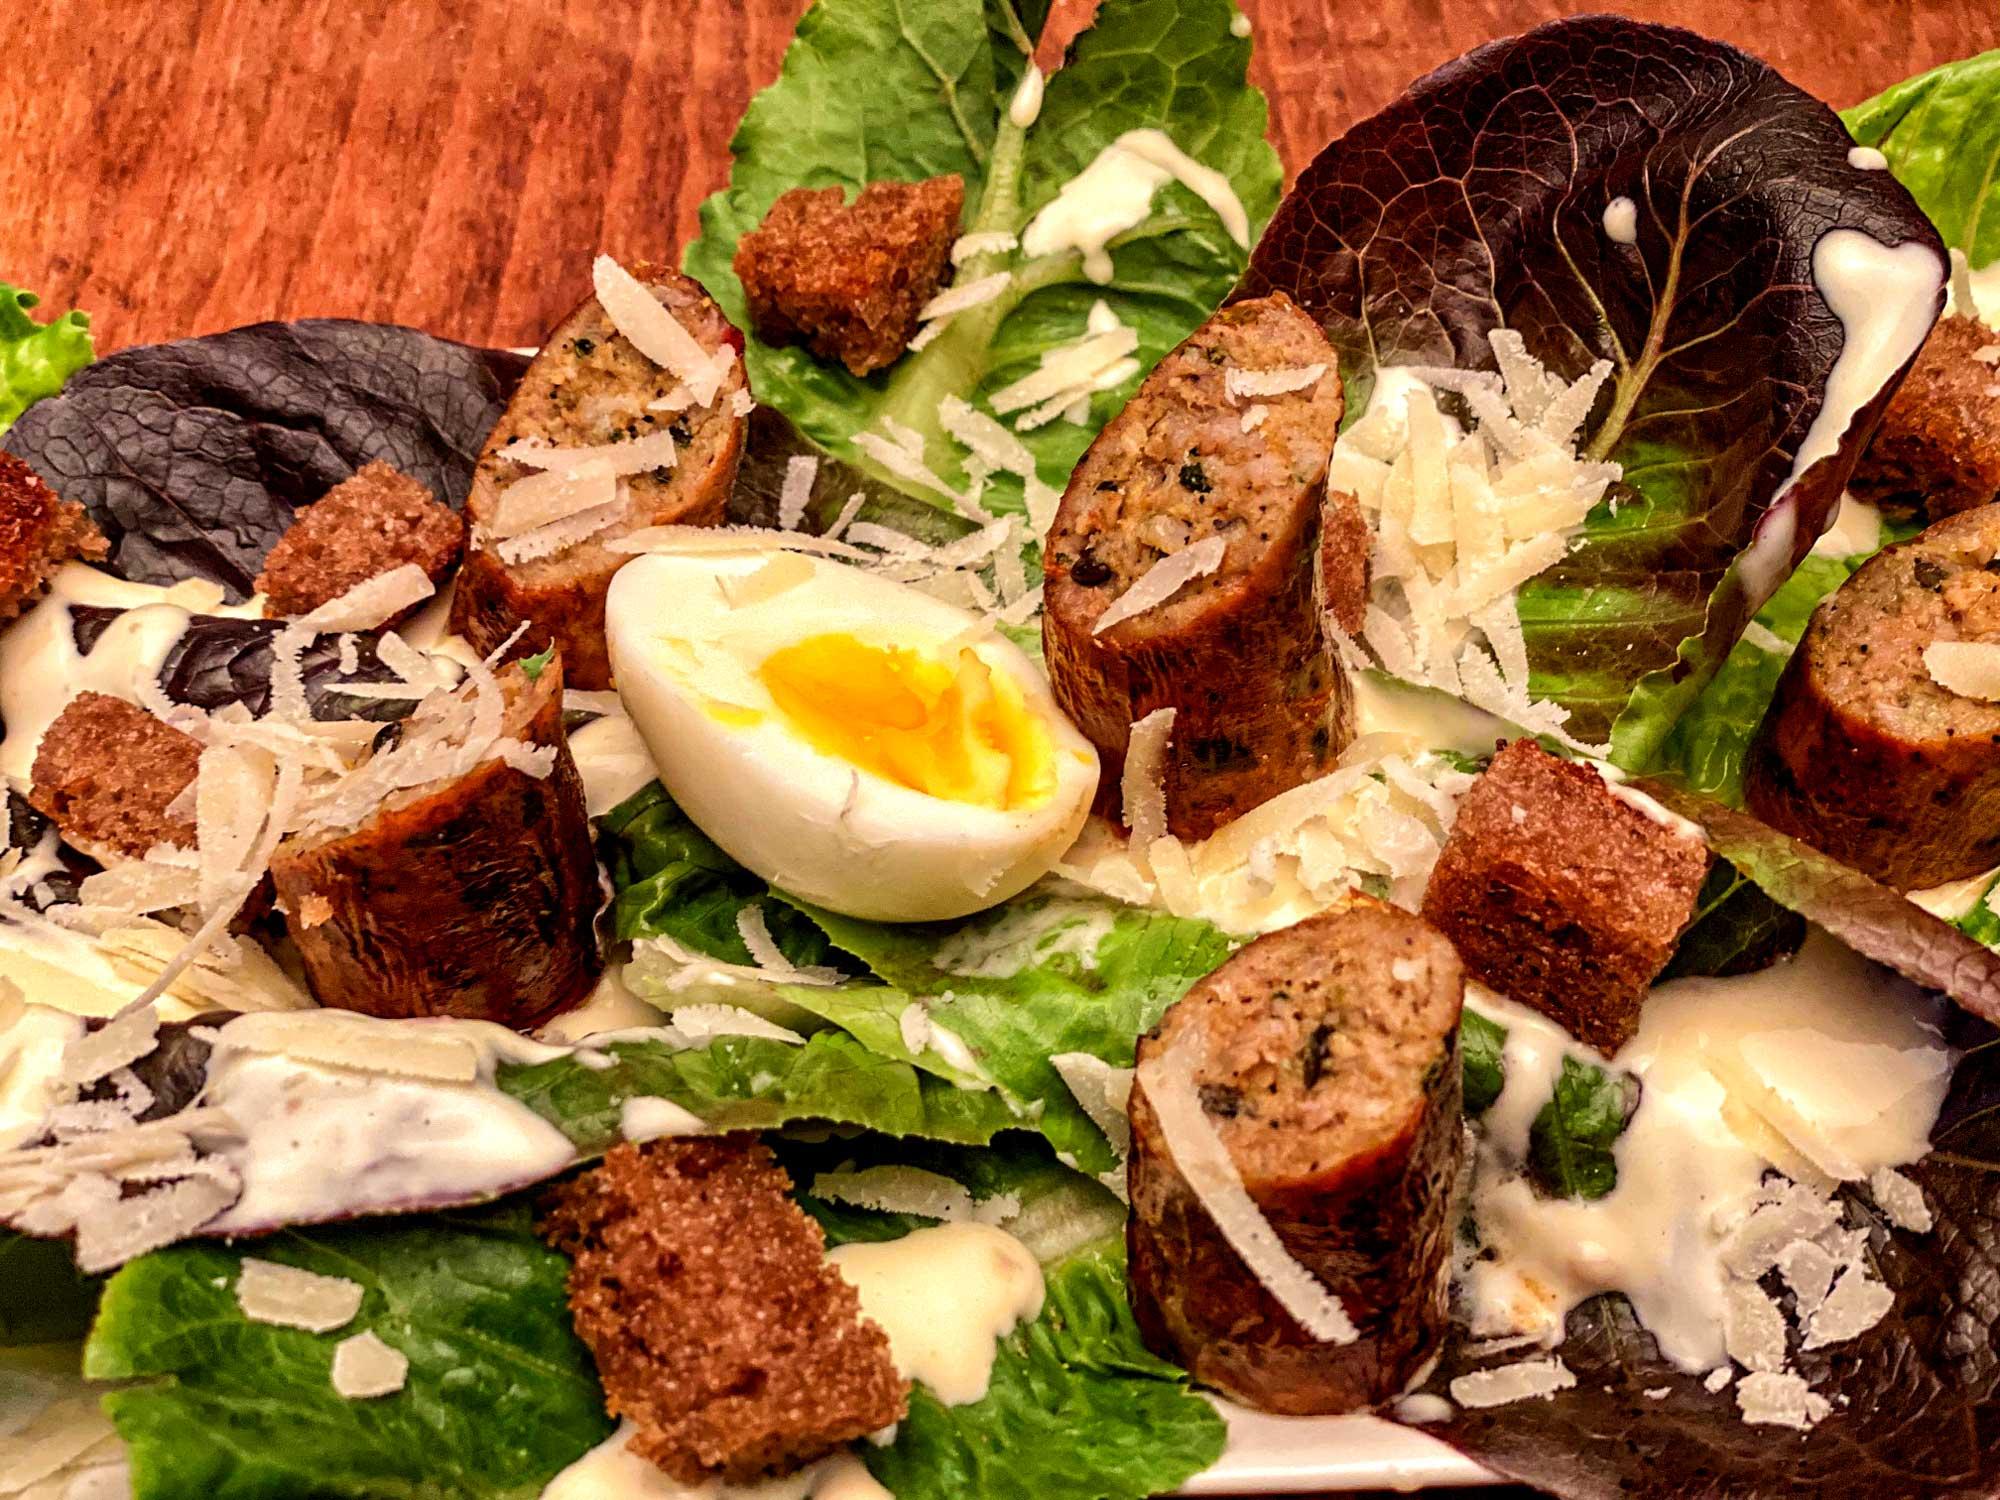 Die Surf and Turf Bratwurst aus der Metzgerei Kirchschlager in Erbach auf einem Caesar Salad.